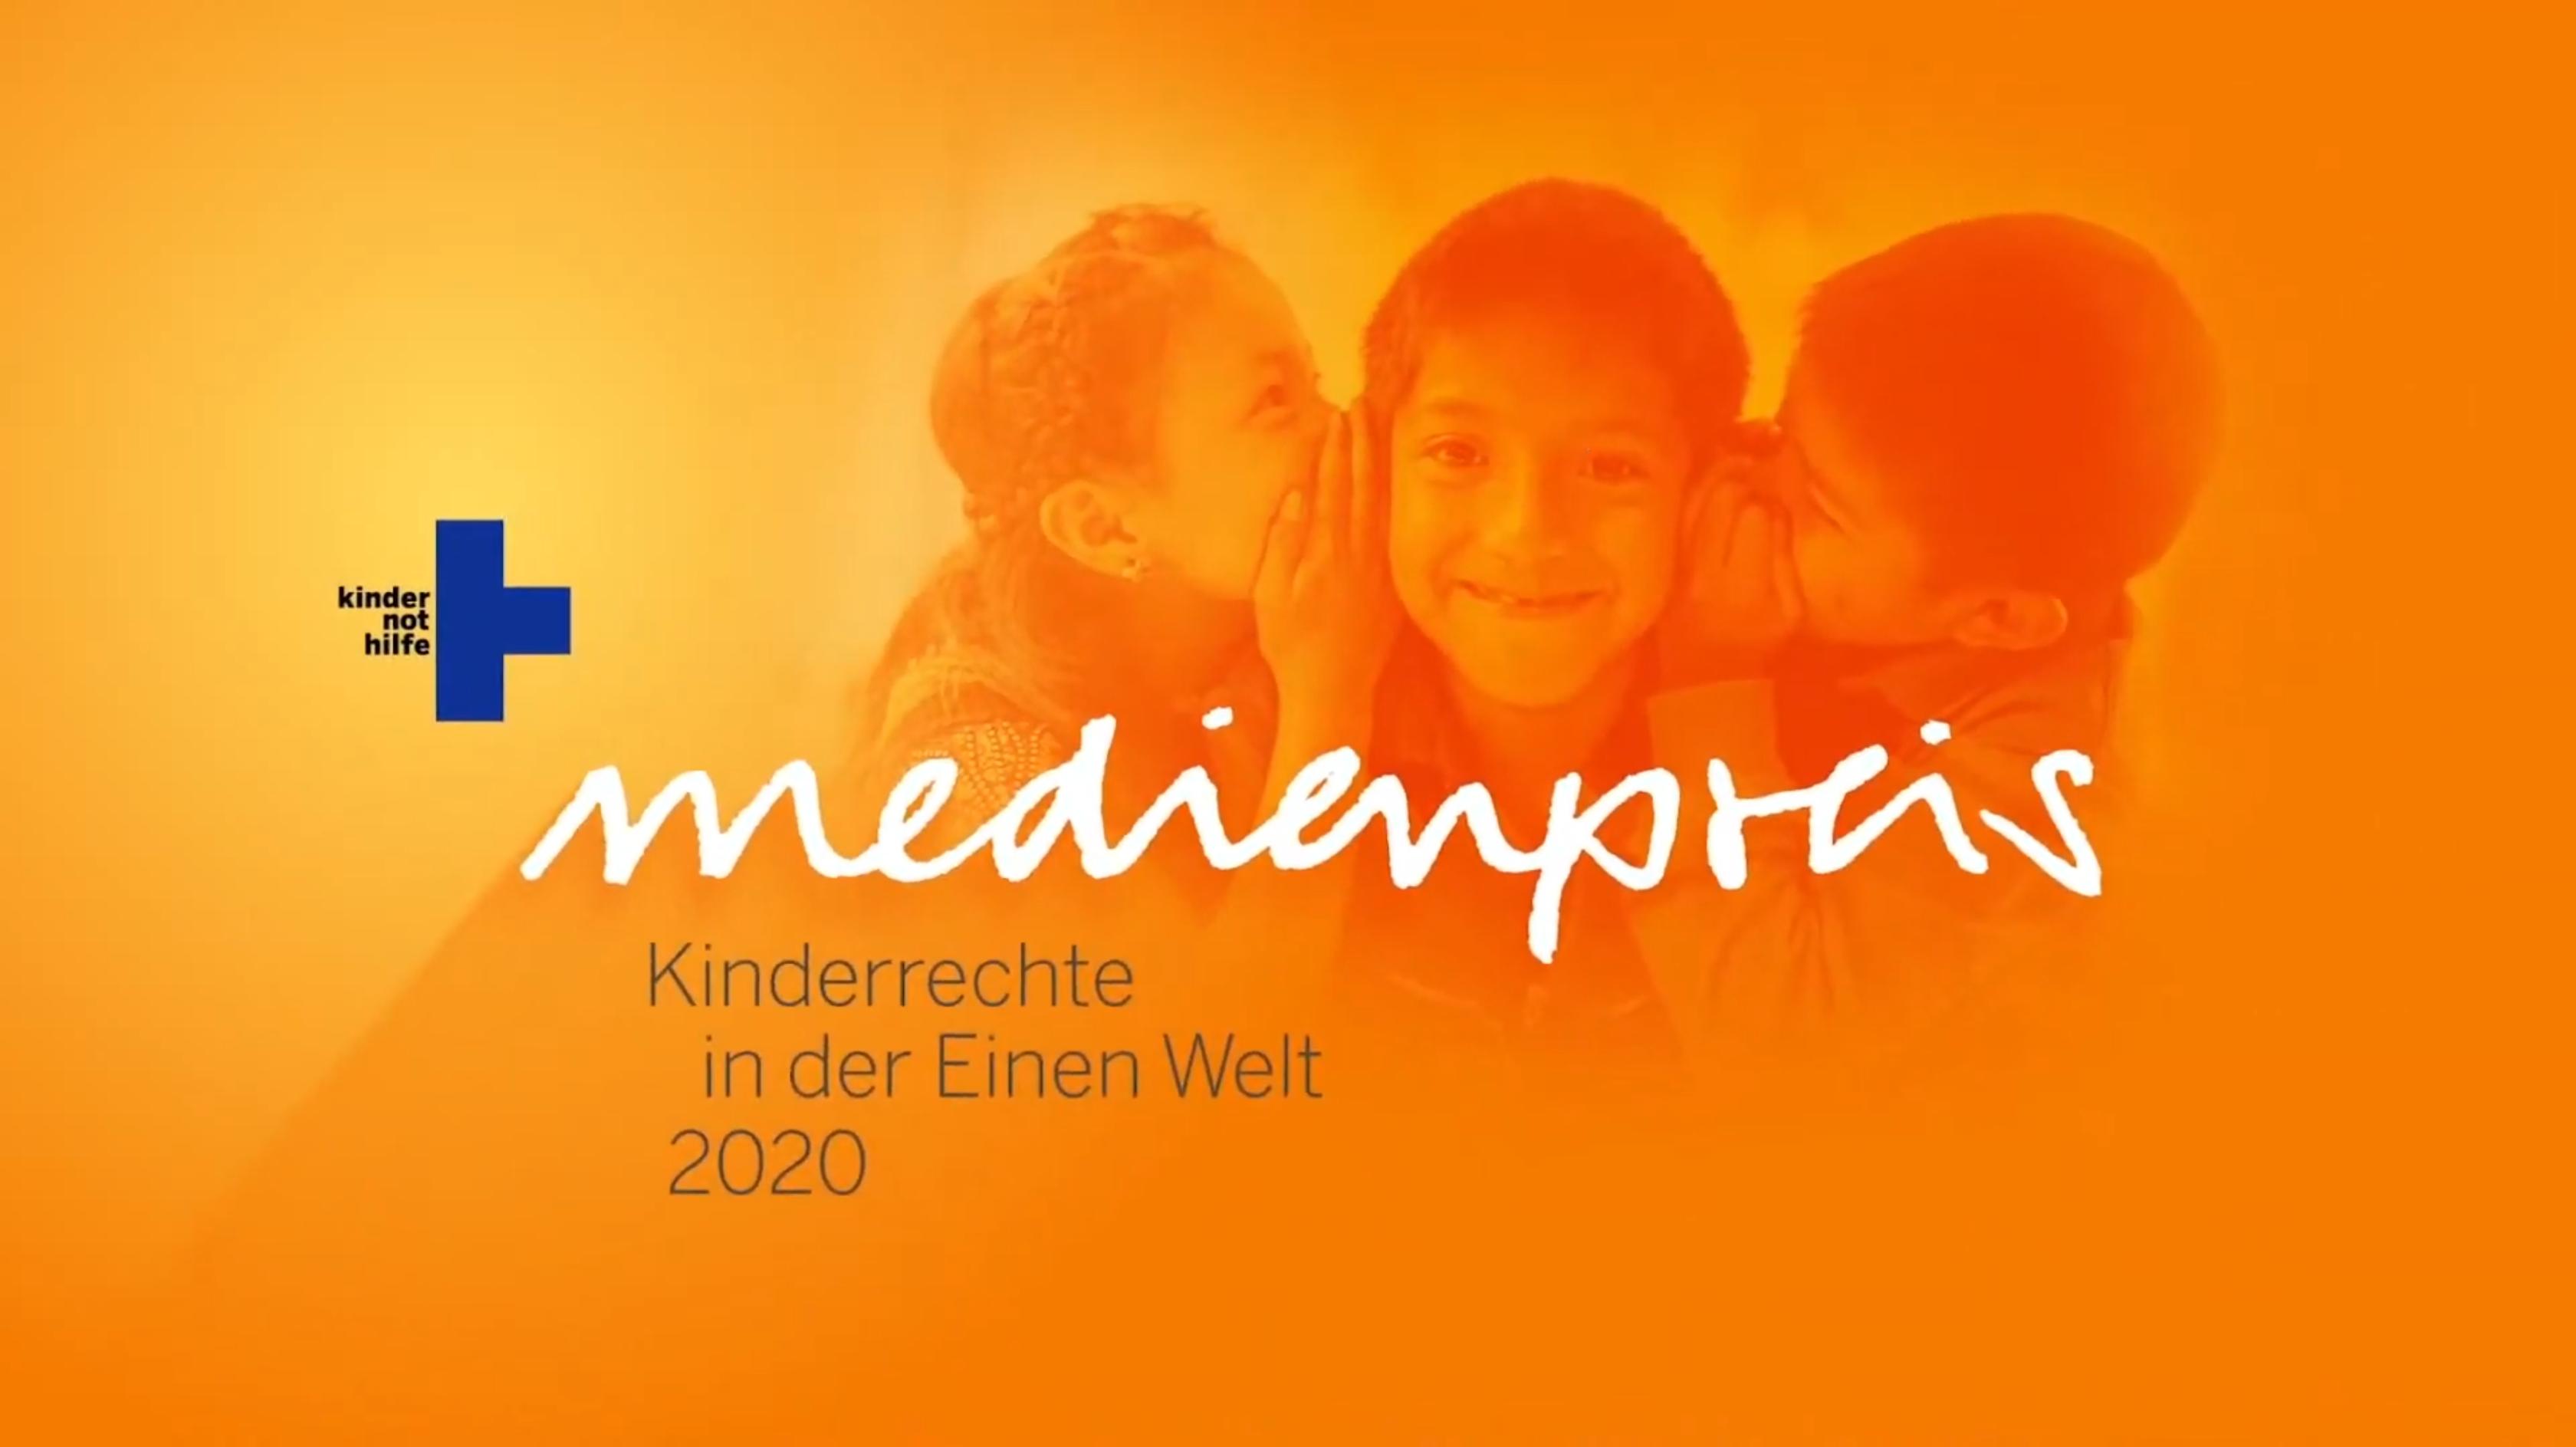 Medienpreis 2020 der Kindernothilfe